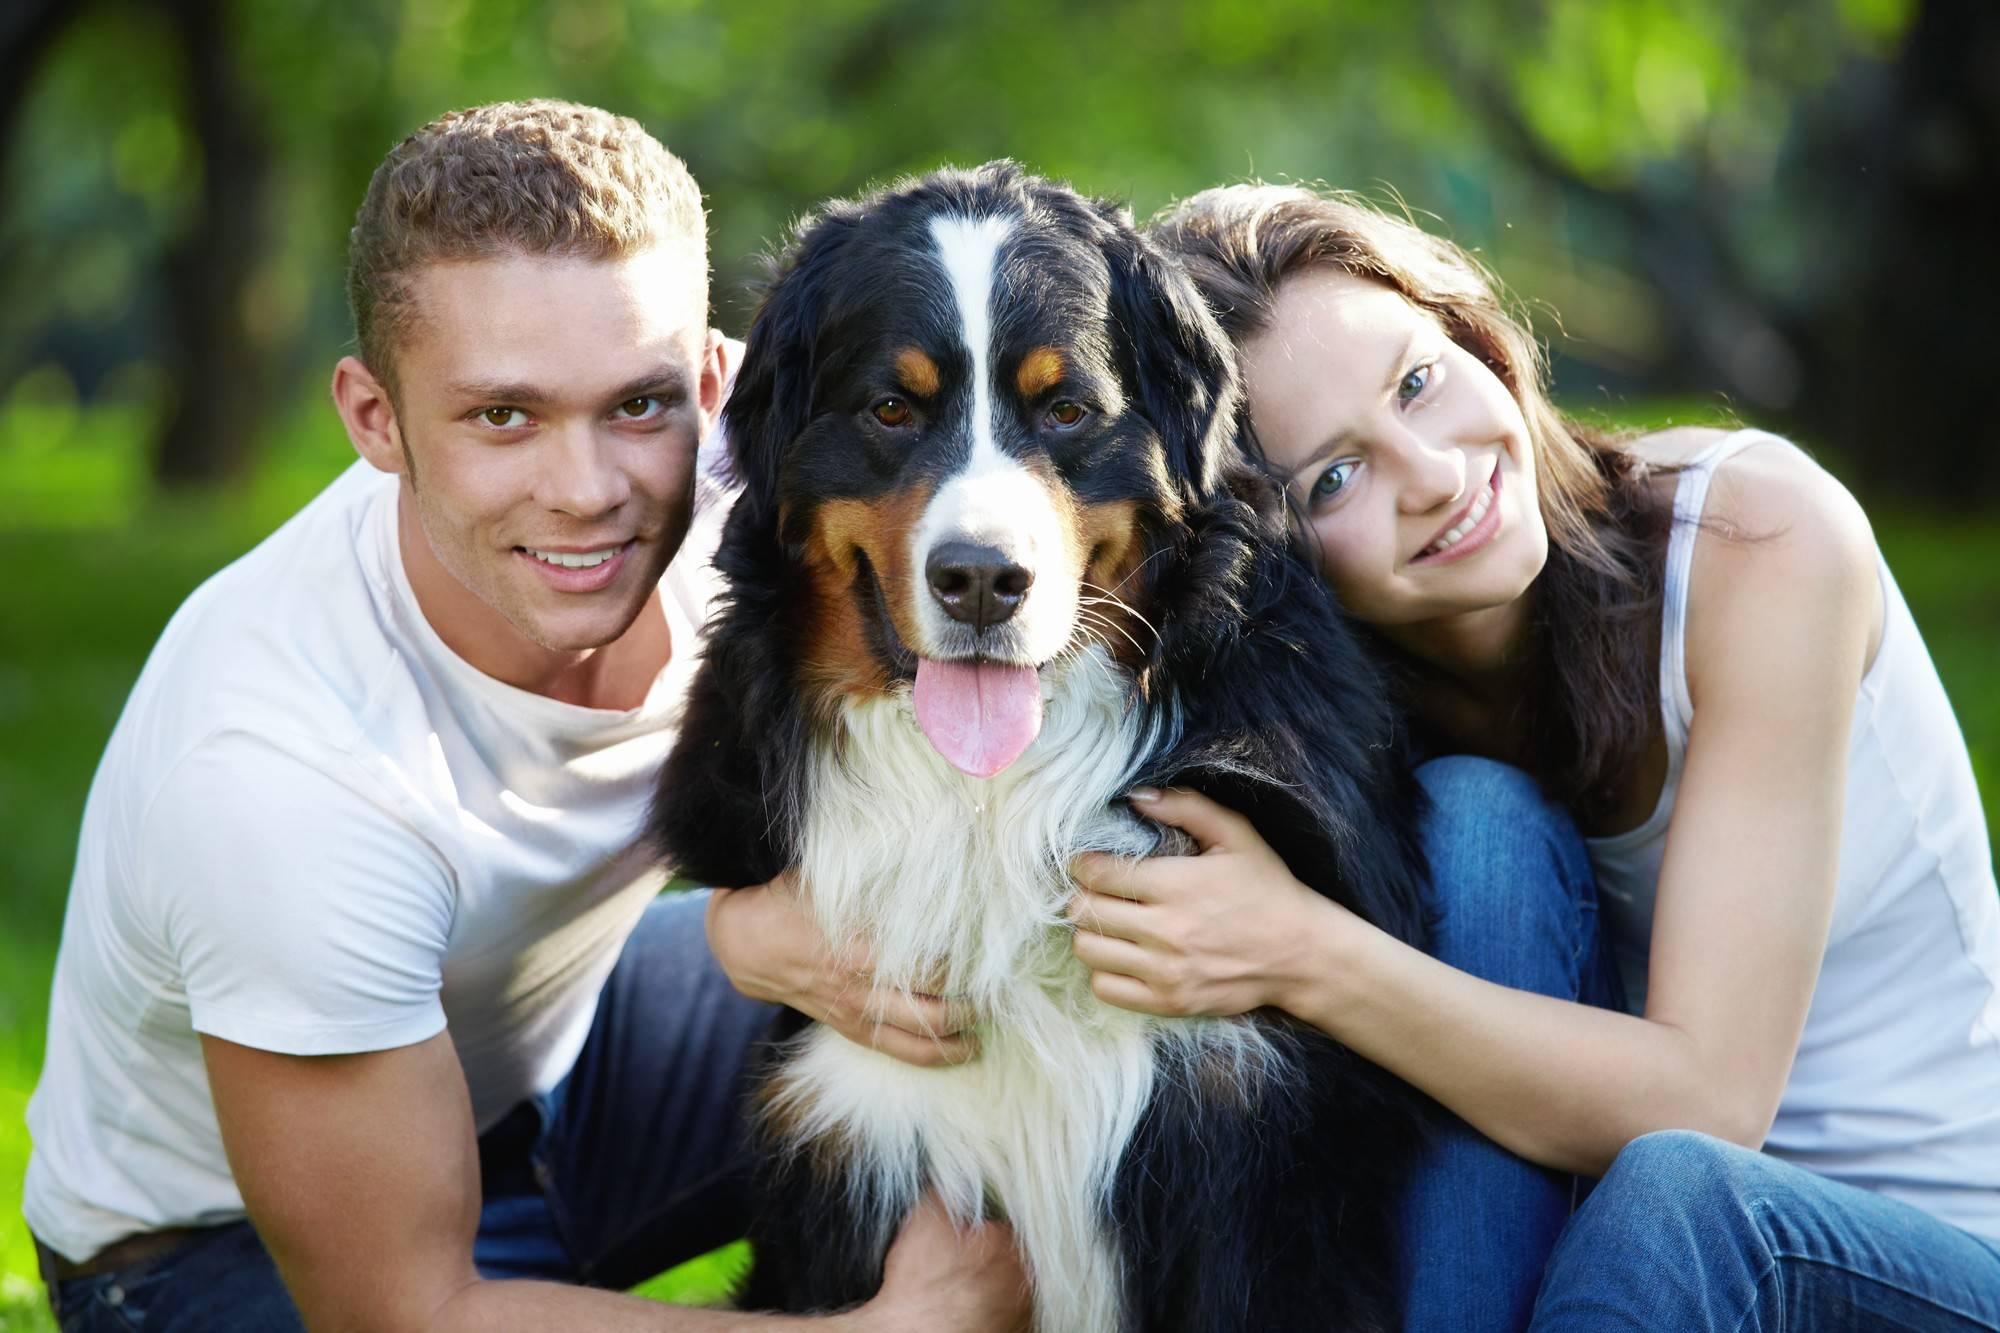 Собаку рвет слизью желтого, белого, зеленого цвета, с пеной или без пены.